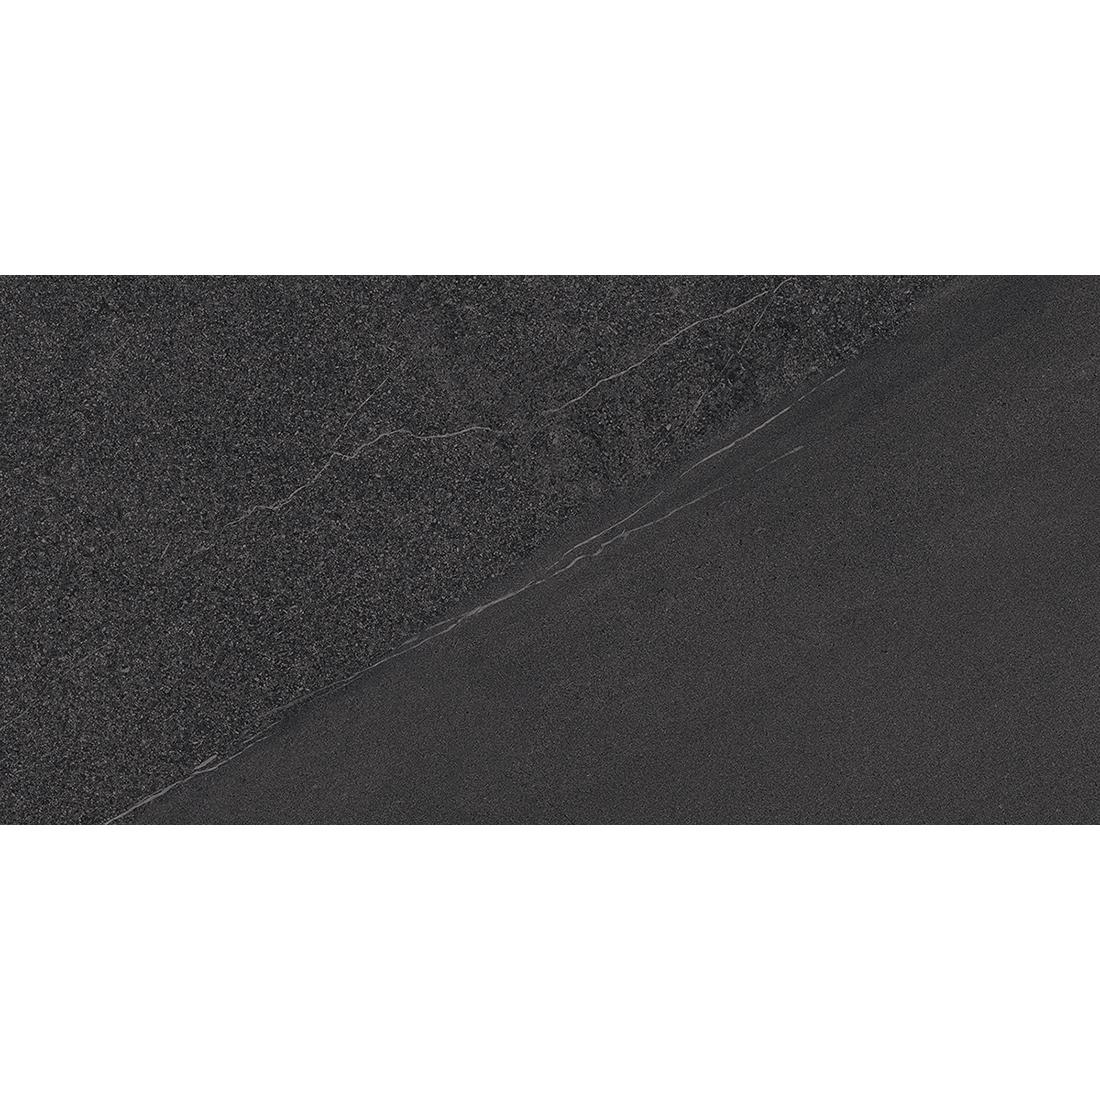 York 30x60 Anthracite Matt 1